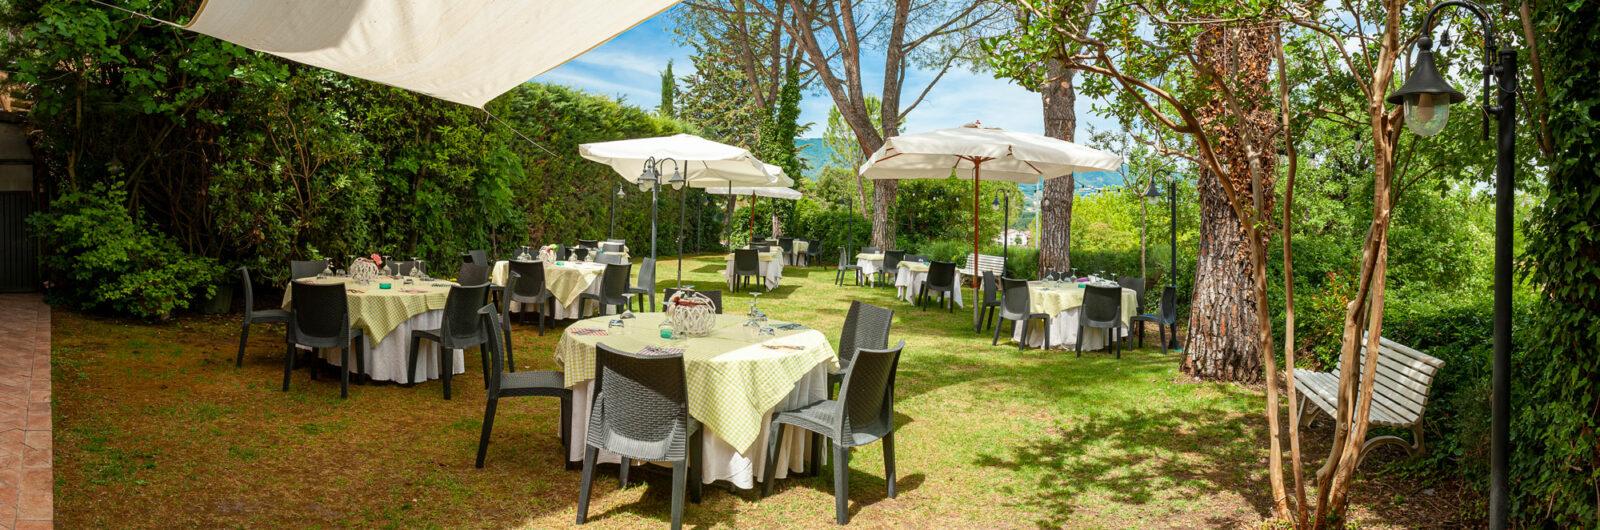 la-fattoria-ristorante-pizzeria-albergo-giardino-panoramica-4